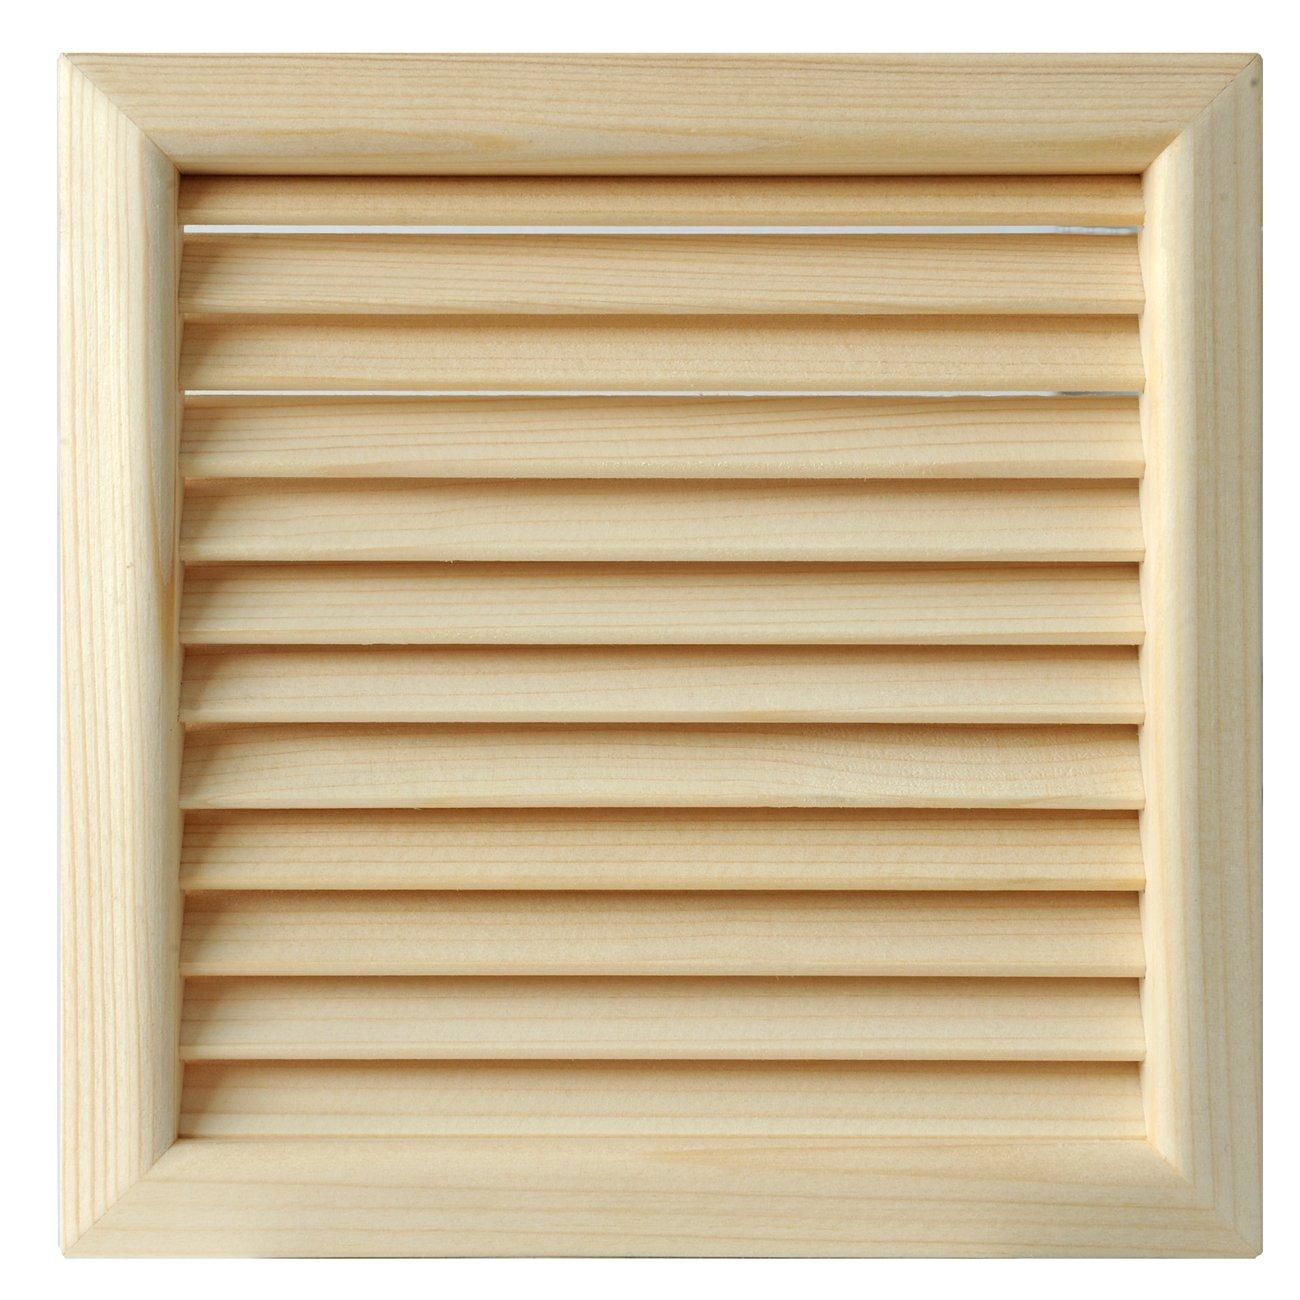 La ventilaci/ón lges160p-y Rejilla Madera Quadra de integrado, pino rojo, 172/x 172/mm